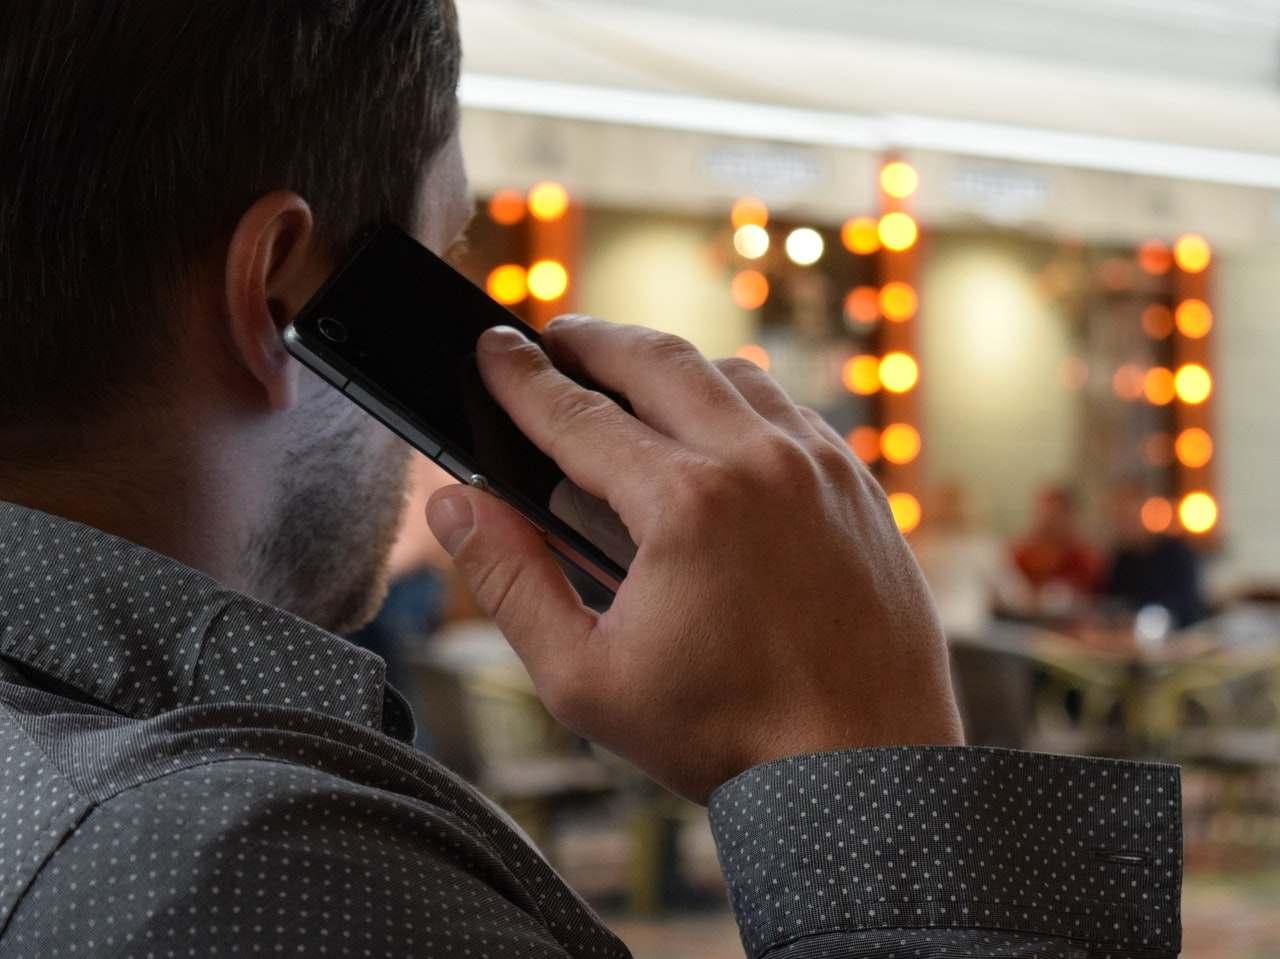 Отдел Роспотребнадзора в Новороссийске готов бесплатно консультировать предпринимателей